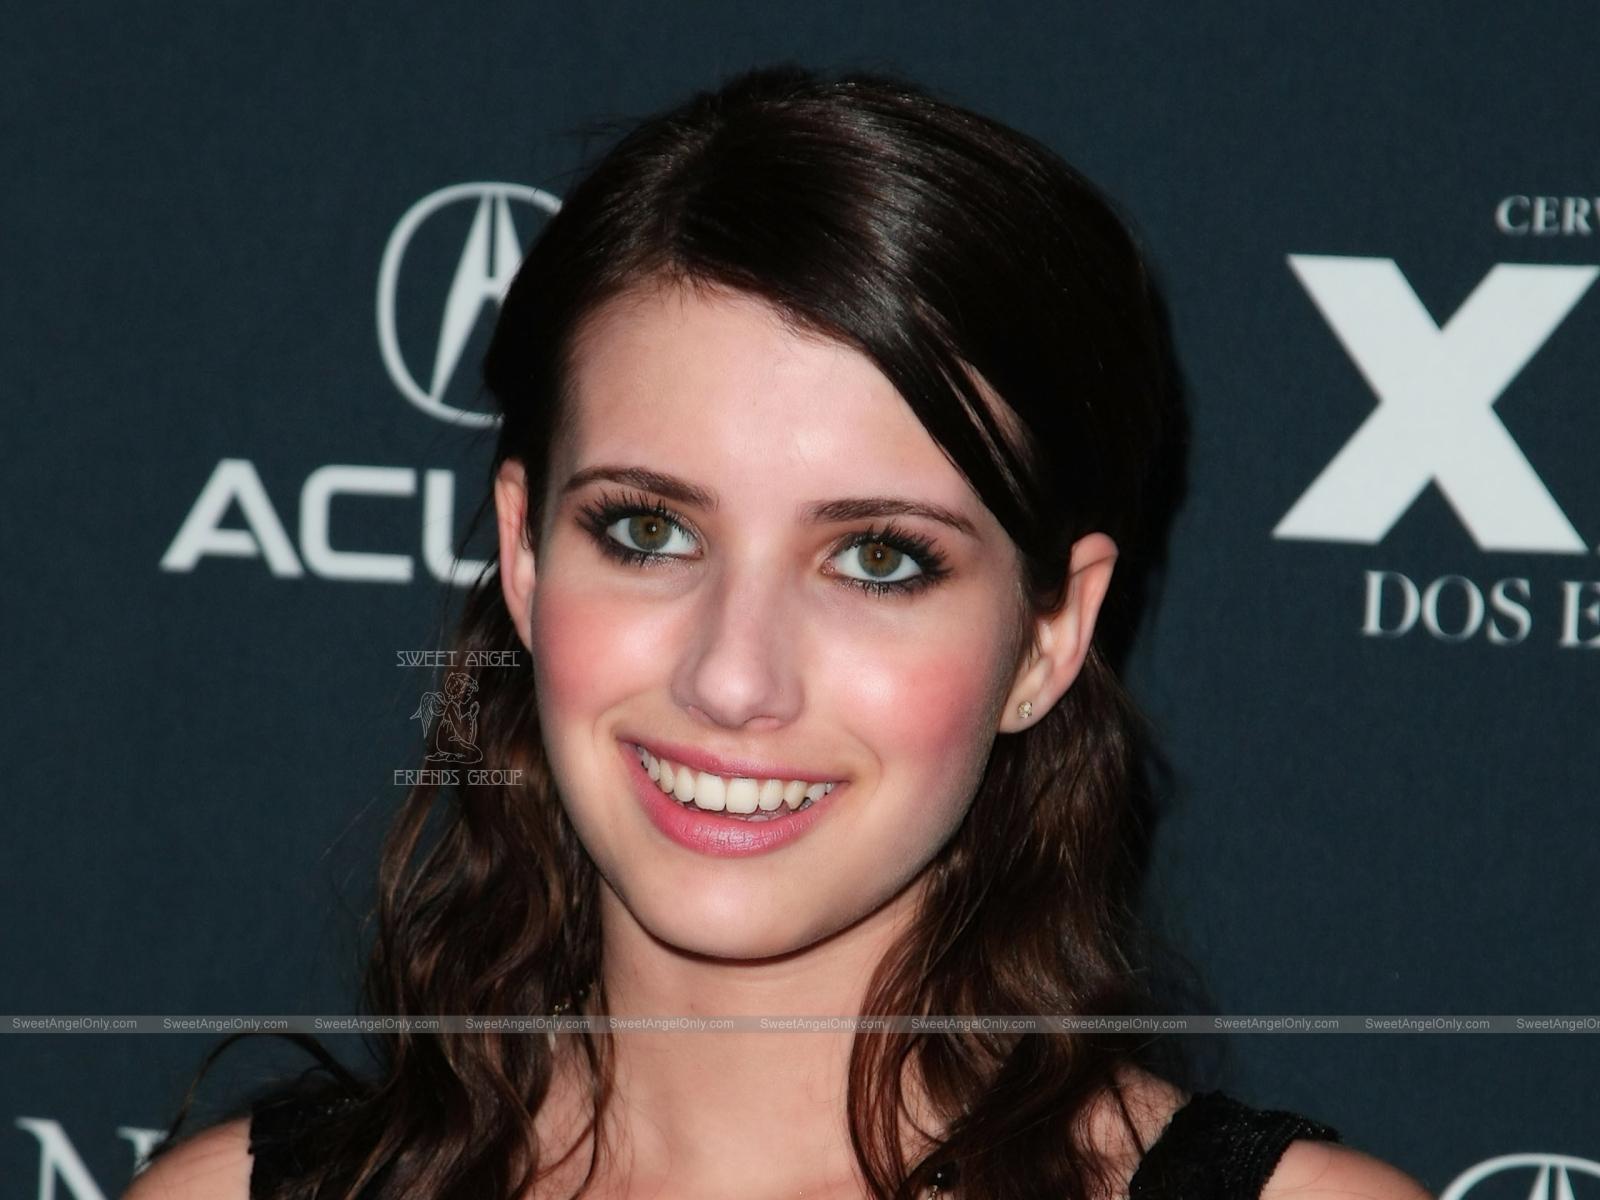 http://1.bp.blogspot.com/-7wd8HUUtP9g/TlUNyh0LpFI/AAAAAAAAJiQ/EUdwCT72MBk/s1600/hollywood-actress-Emma-Roberts-smiling.jpg